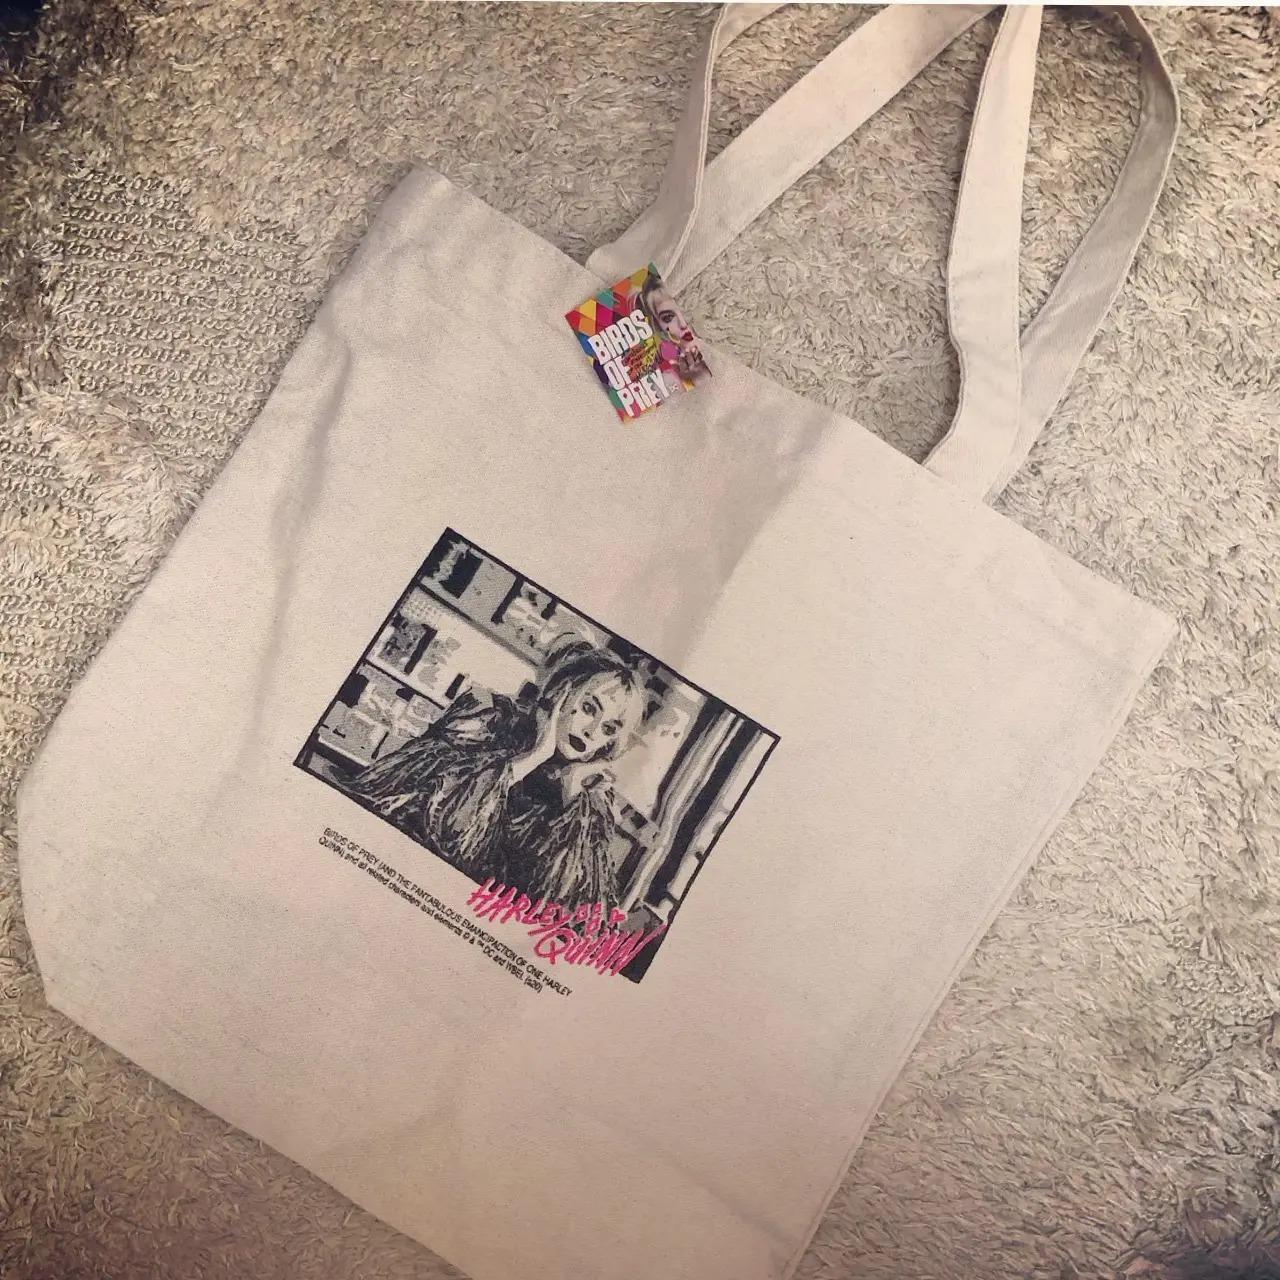 【働く女性のエコバッグまとめ】人気ブランドのおしゃれなバッグも♡ MOREインフルエンサーズのMyバッグ特集_1